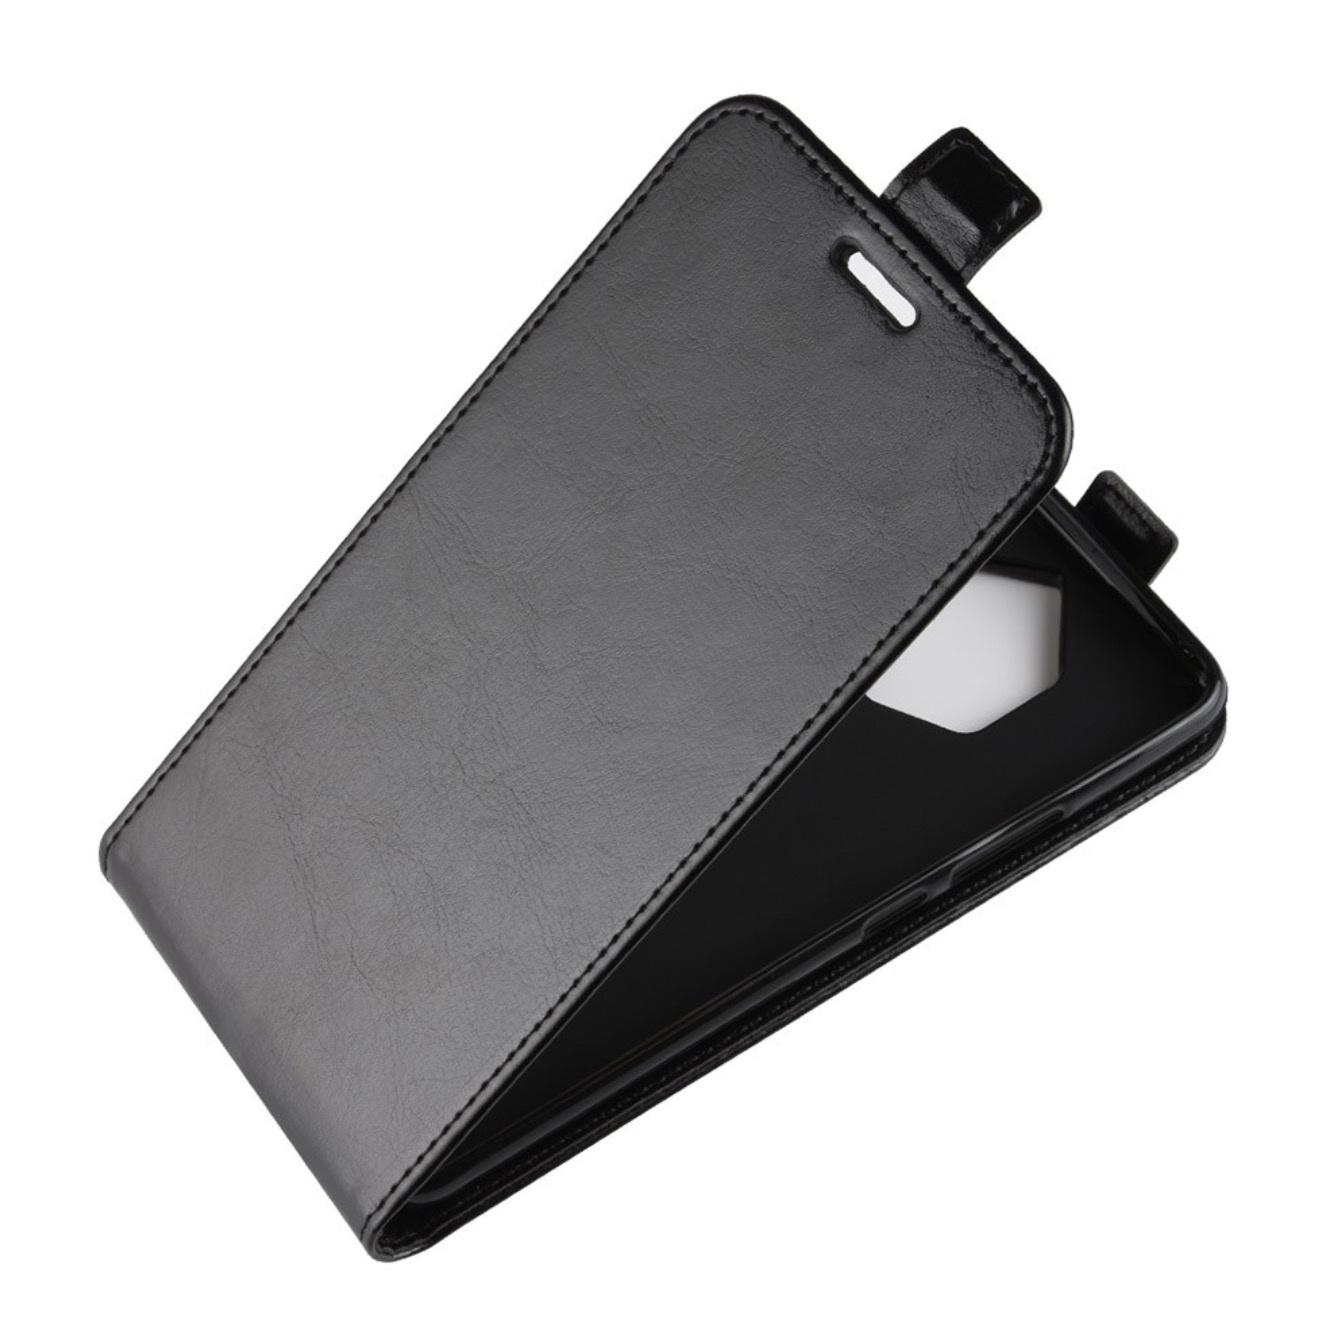 Чехол-флип MyPads для Philips Xenium W8500 вертикальный откидной черный